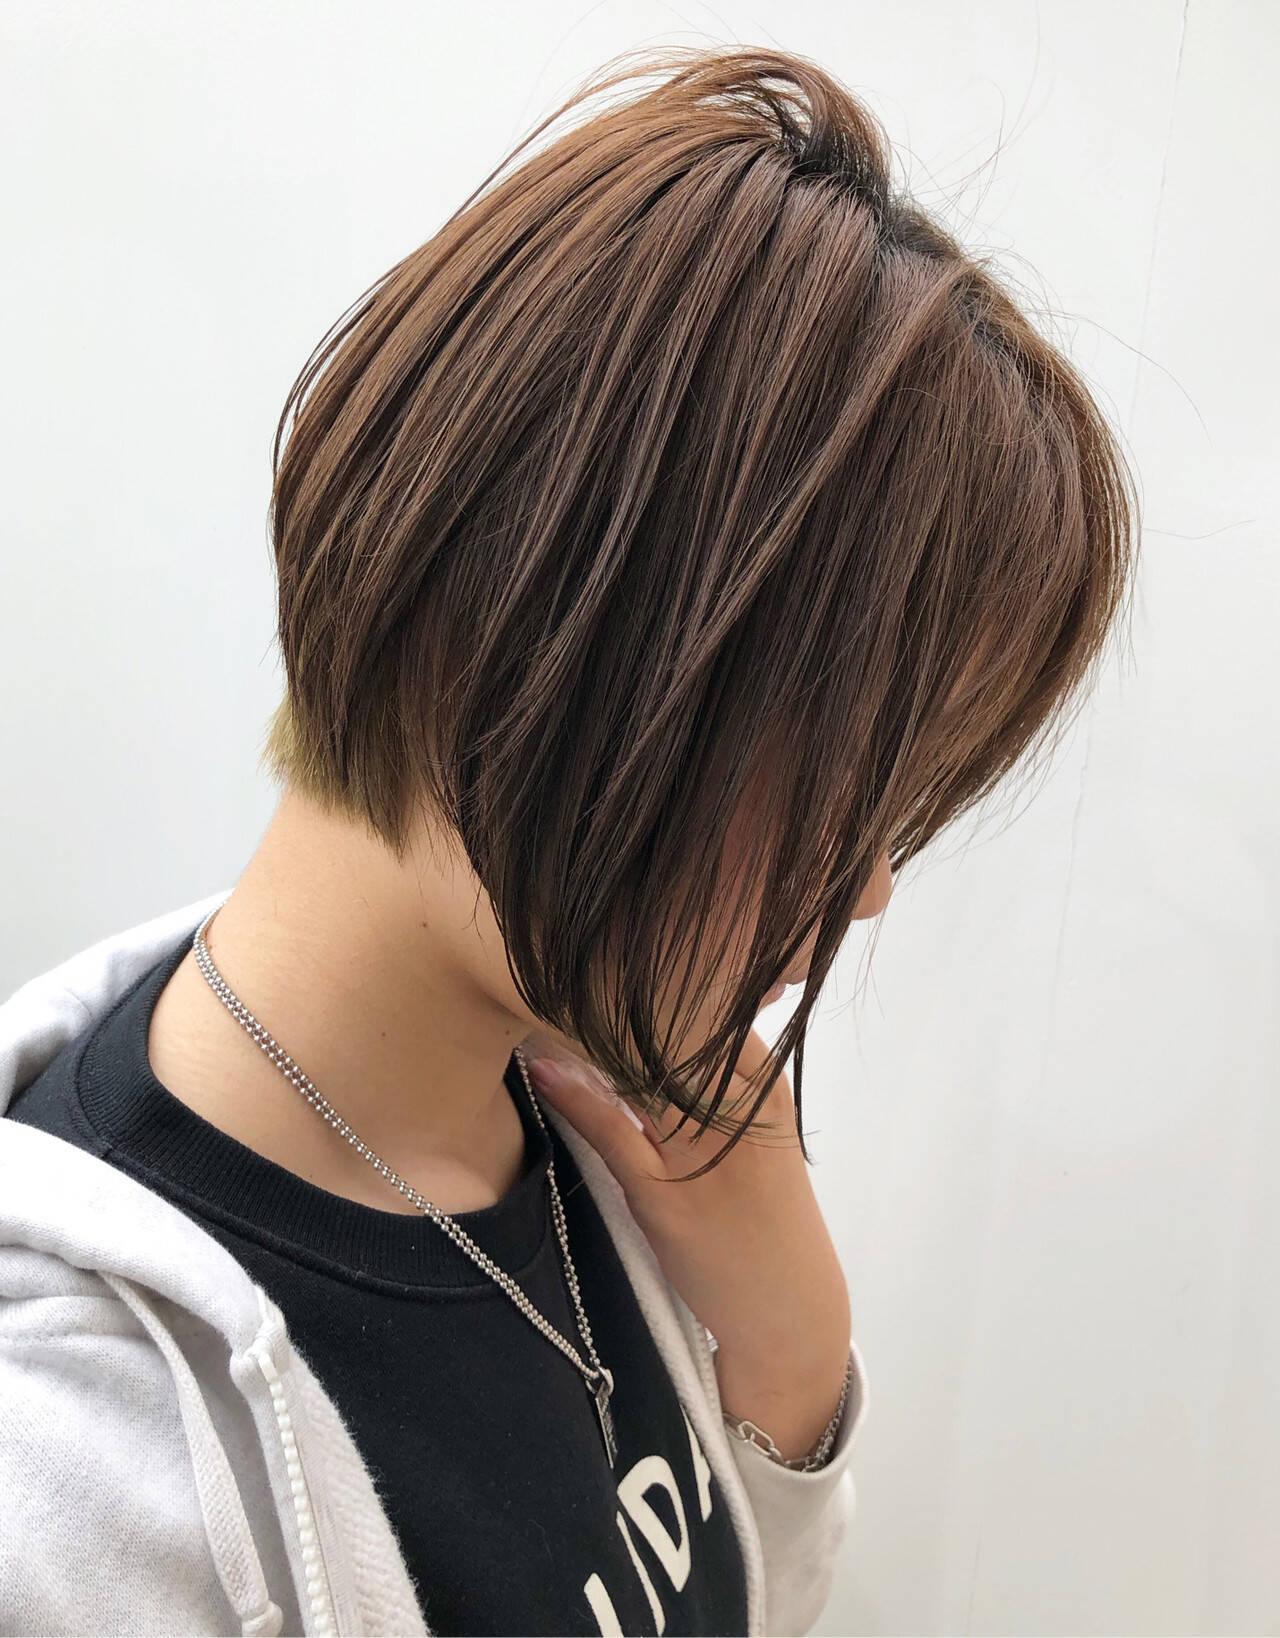 オフィス 前下がりヘア ナチュラル ショートヘアスタイルや髪型の写真・画像